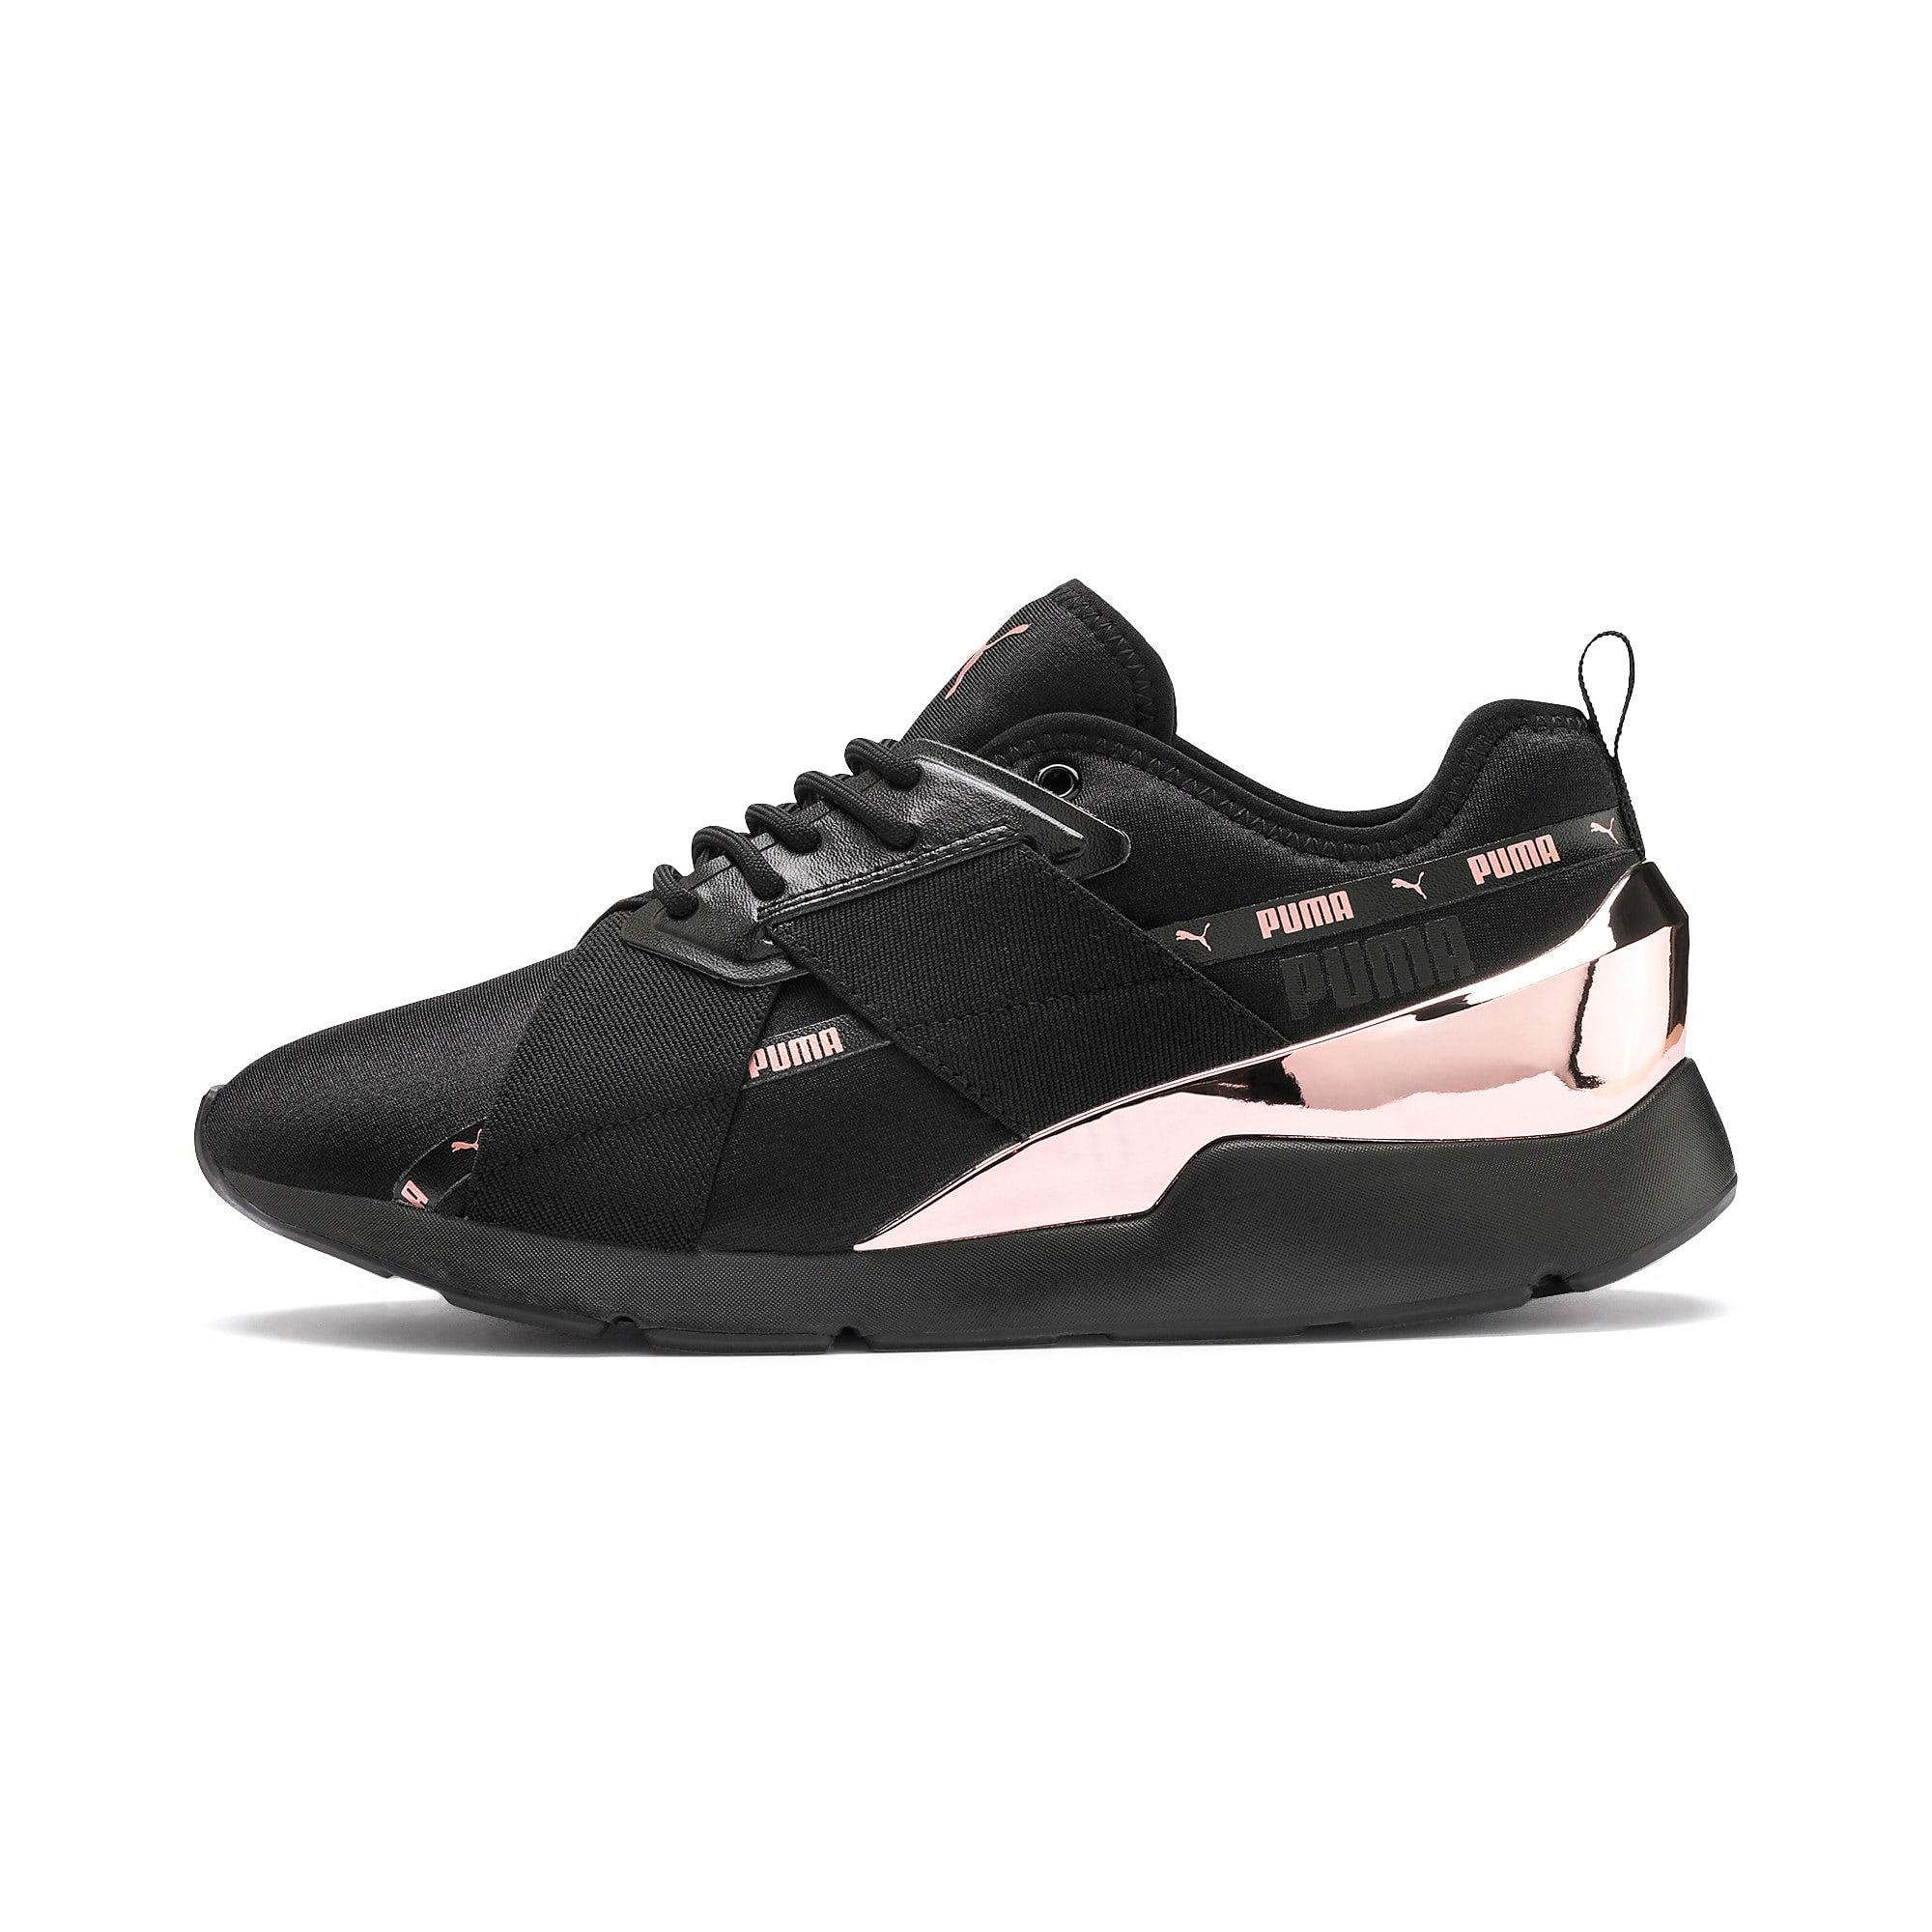 puma sneakers malaysia